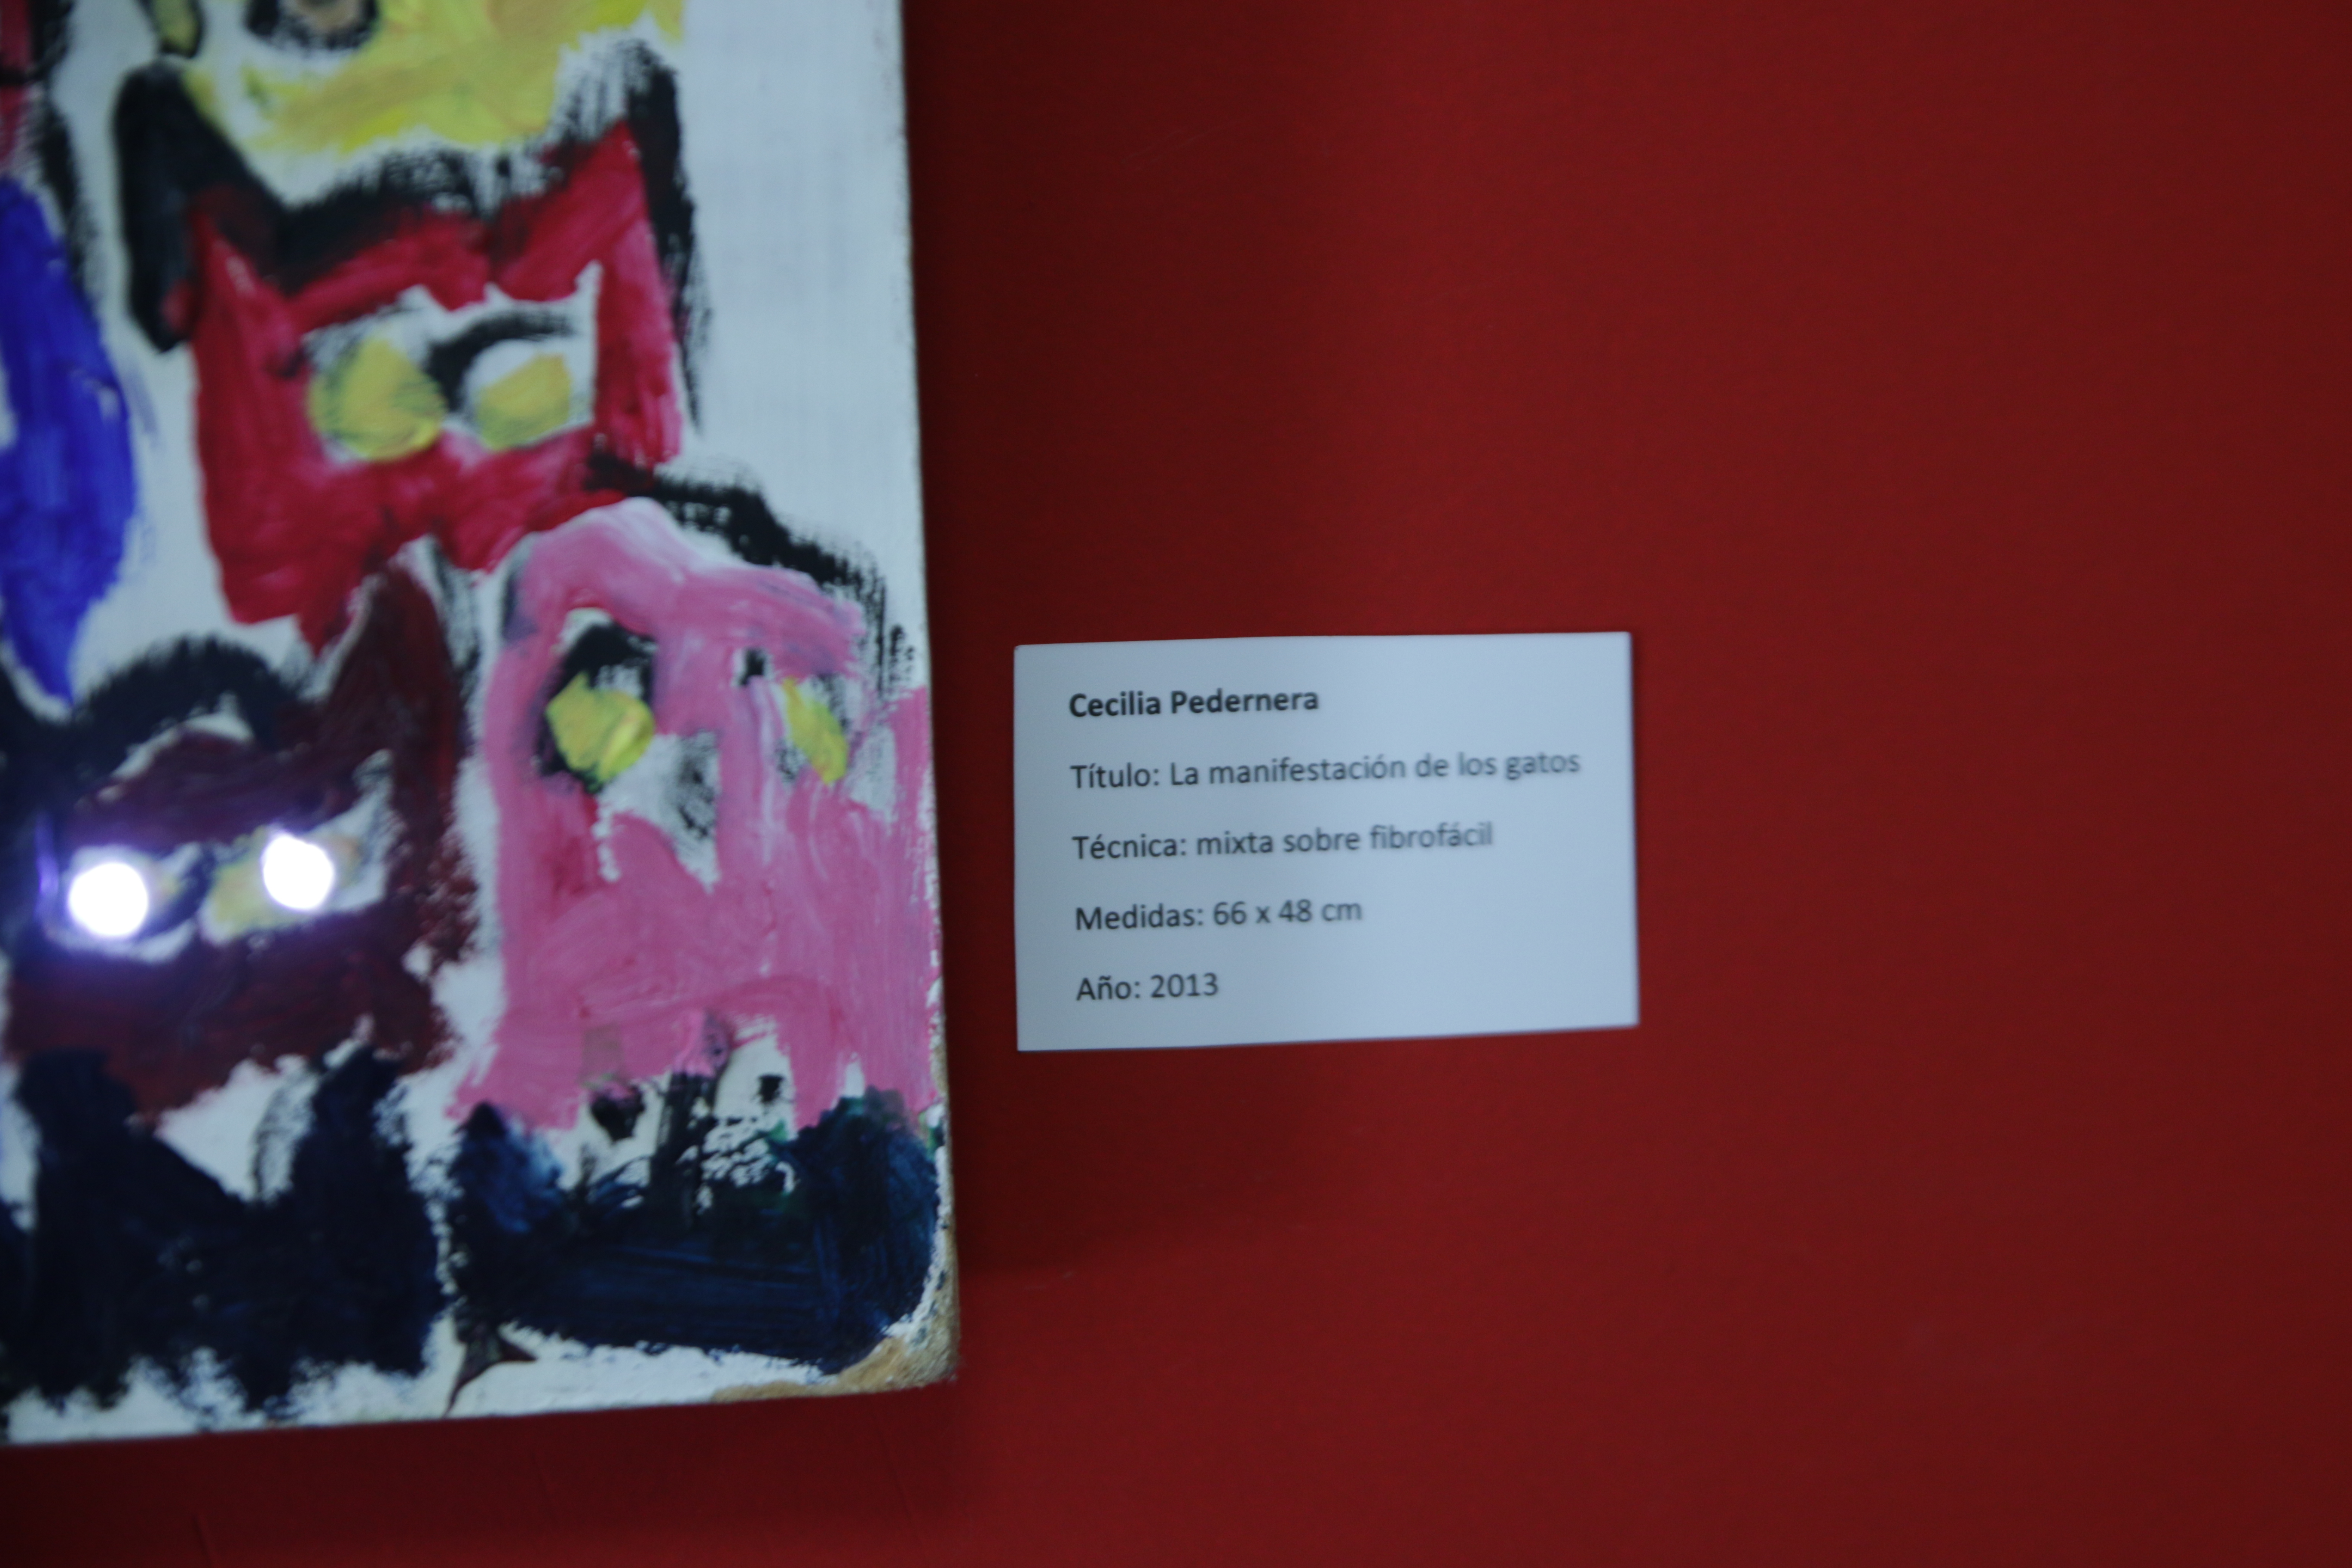 Foto muestra *3 - Del imaginario a Undav, primera muestra colectiva de artistas estudiantes